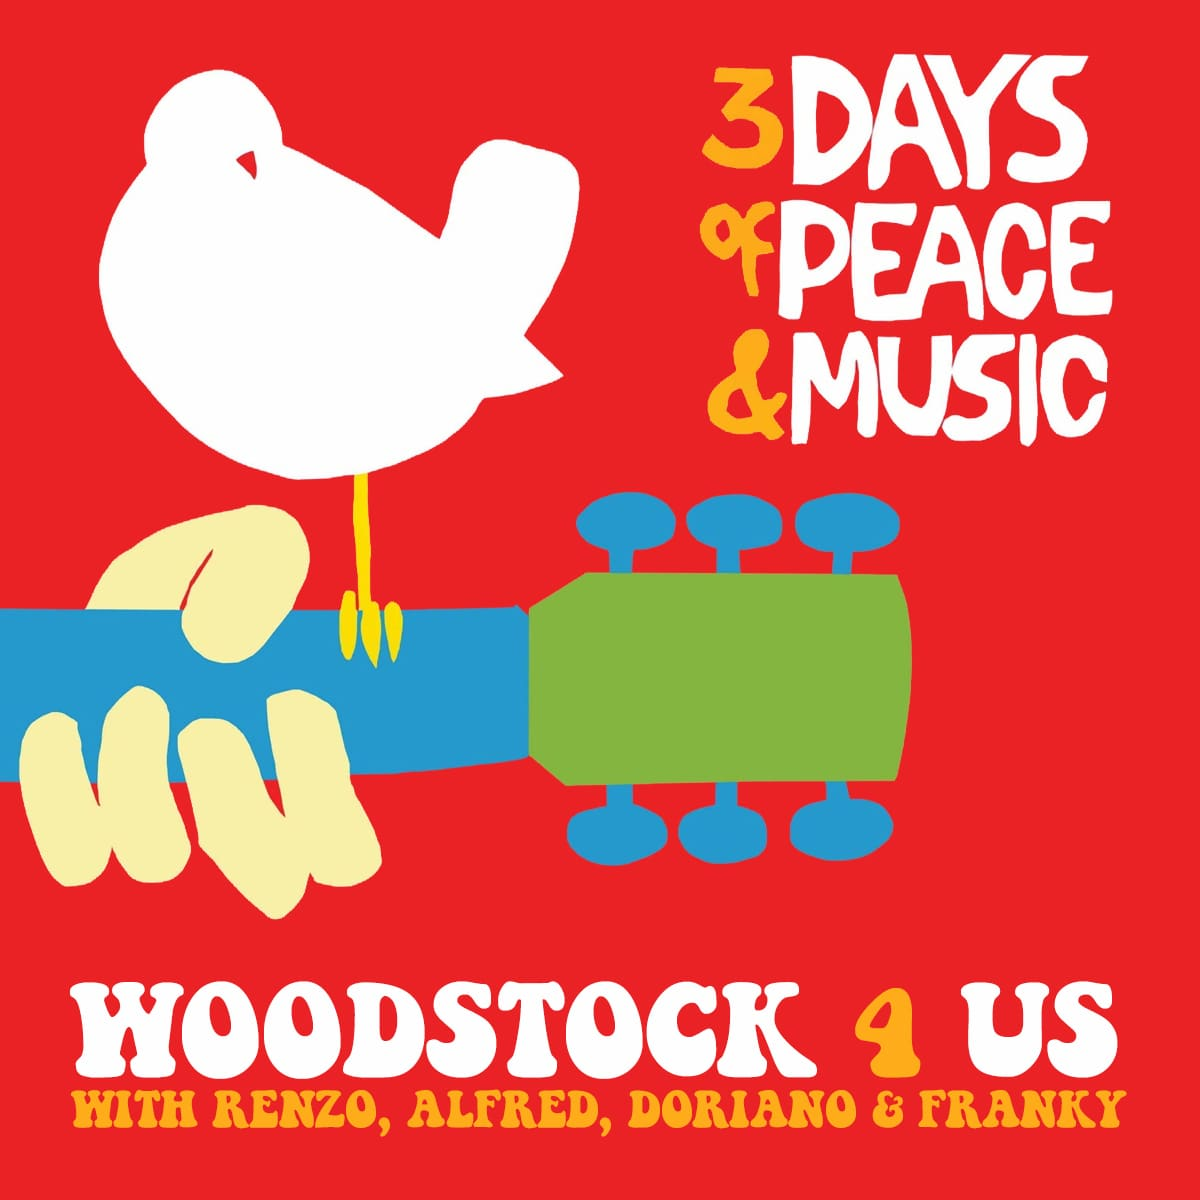 Woodstock 4 us